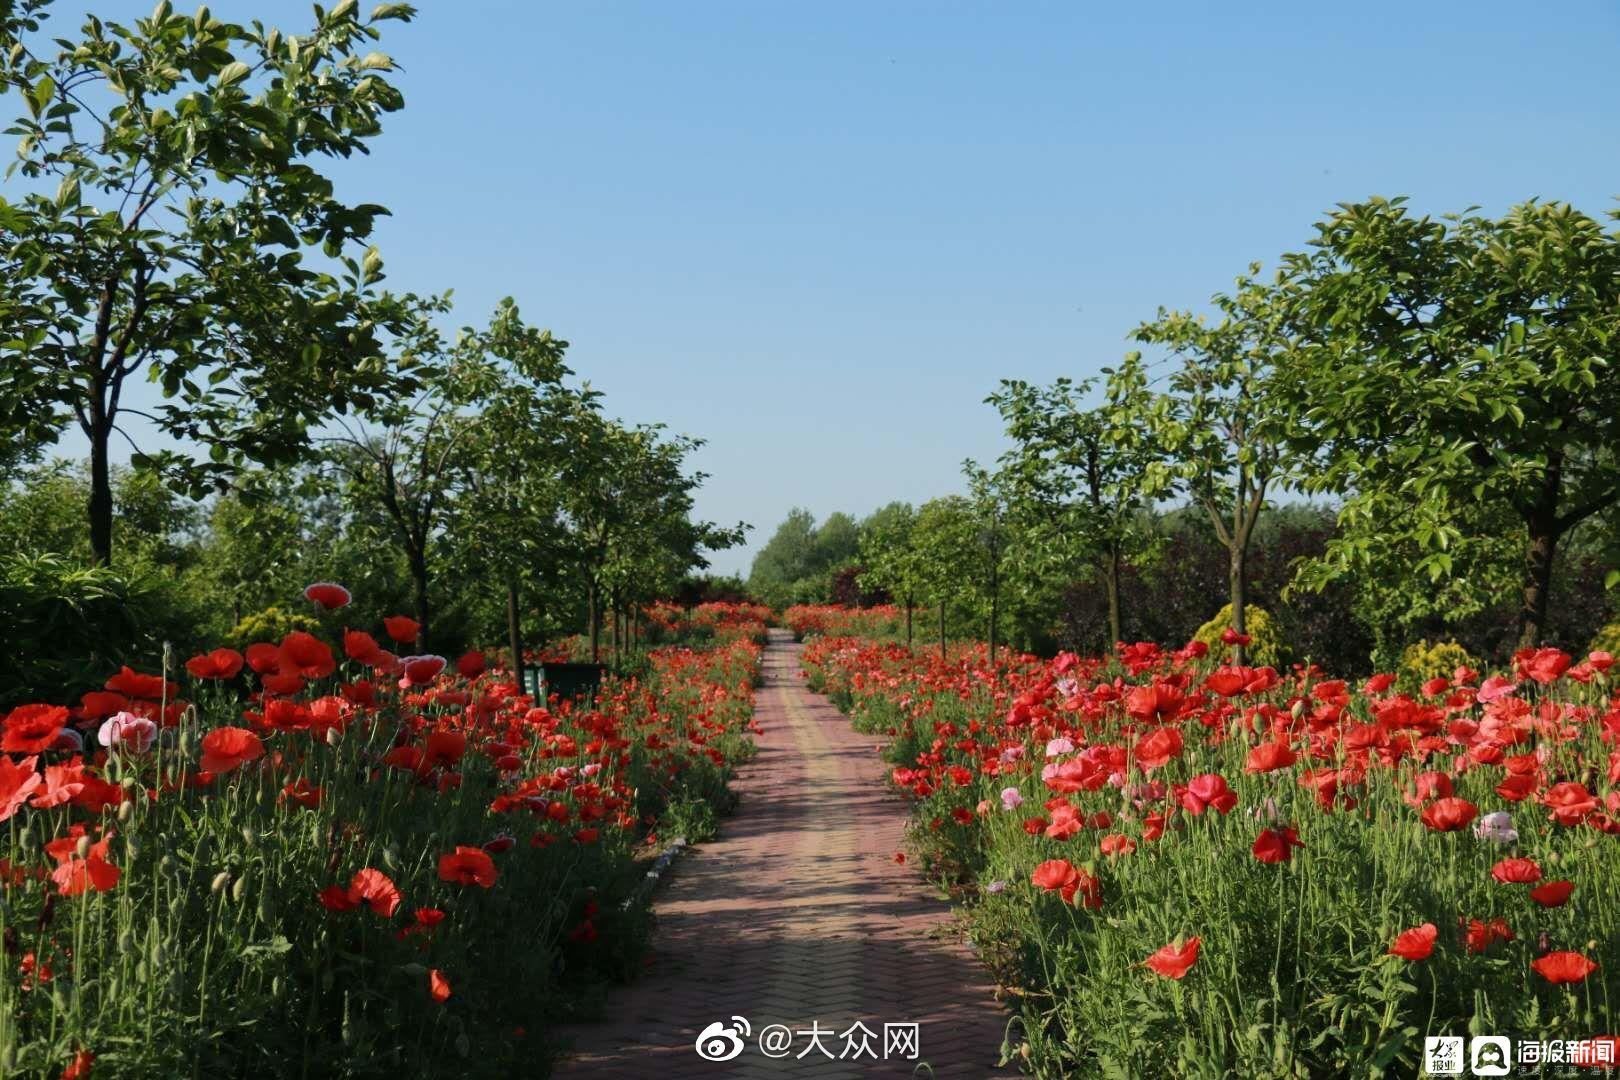 菏泽市东明黄河国家湿地公园已形成典型的河流湿地生态系统